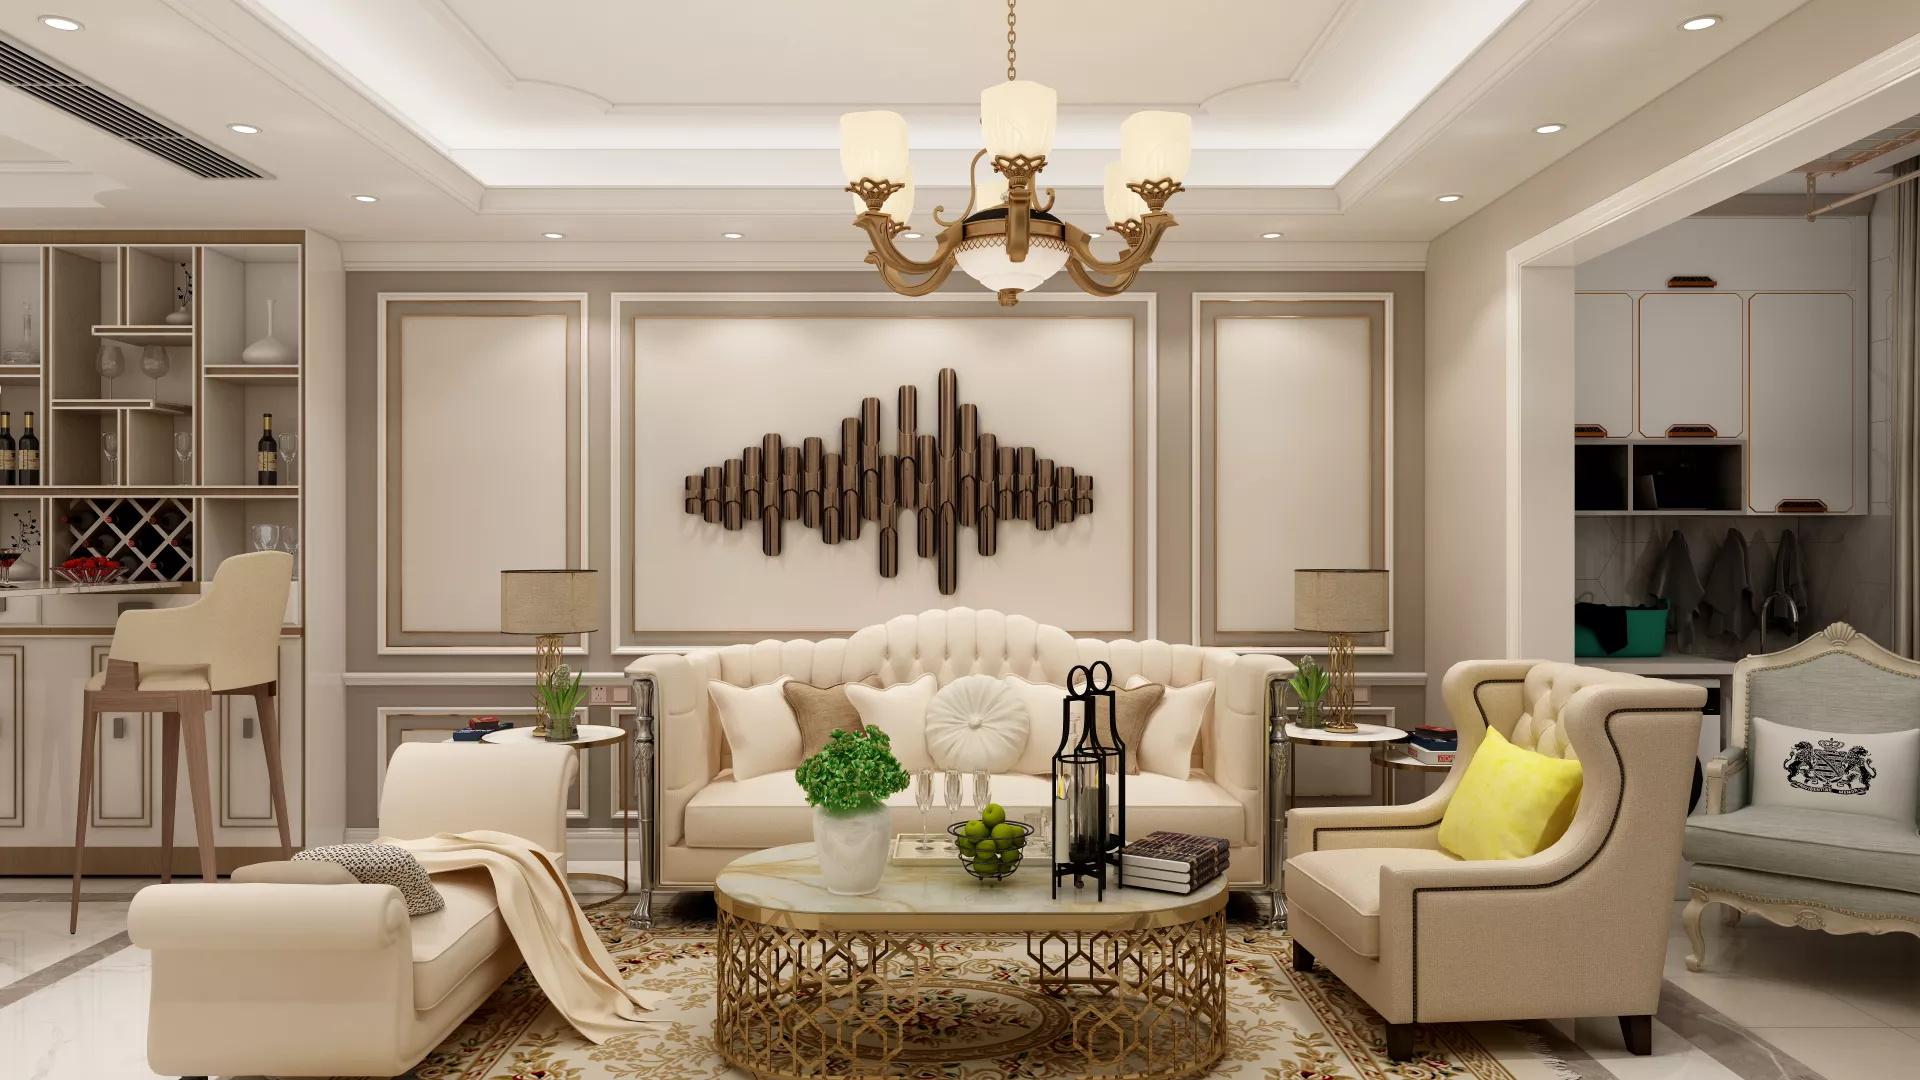 旧家具如何翻新 家具翻新贴纸步骤流程详解